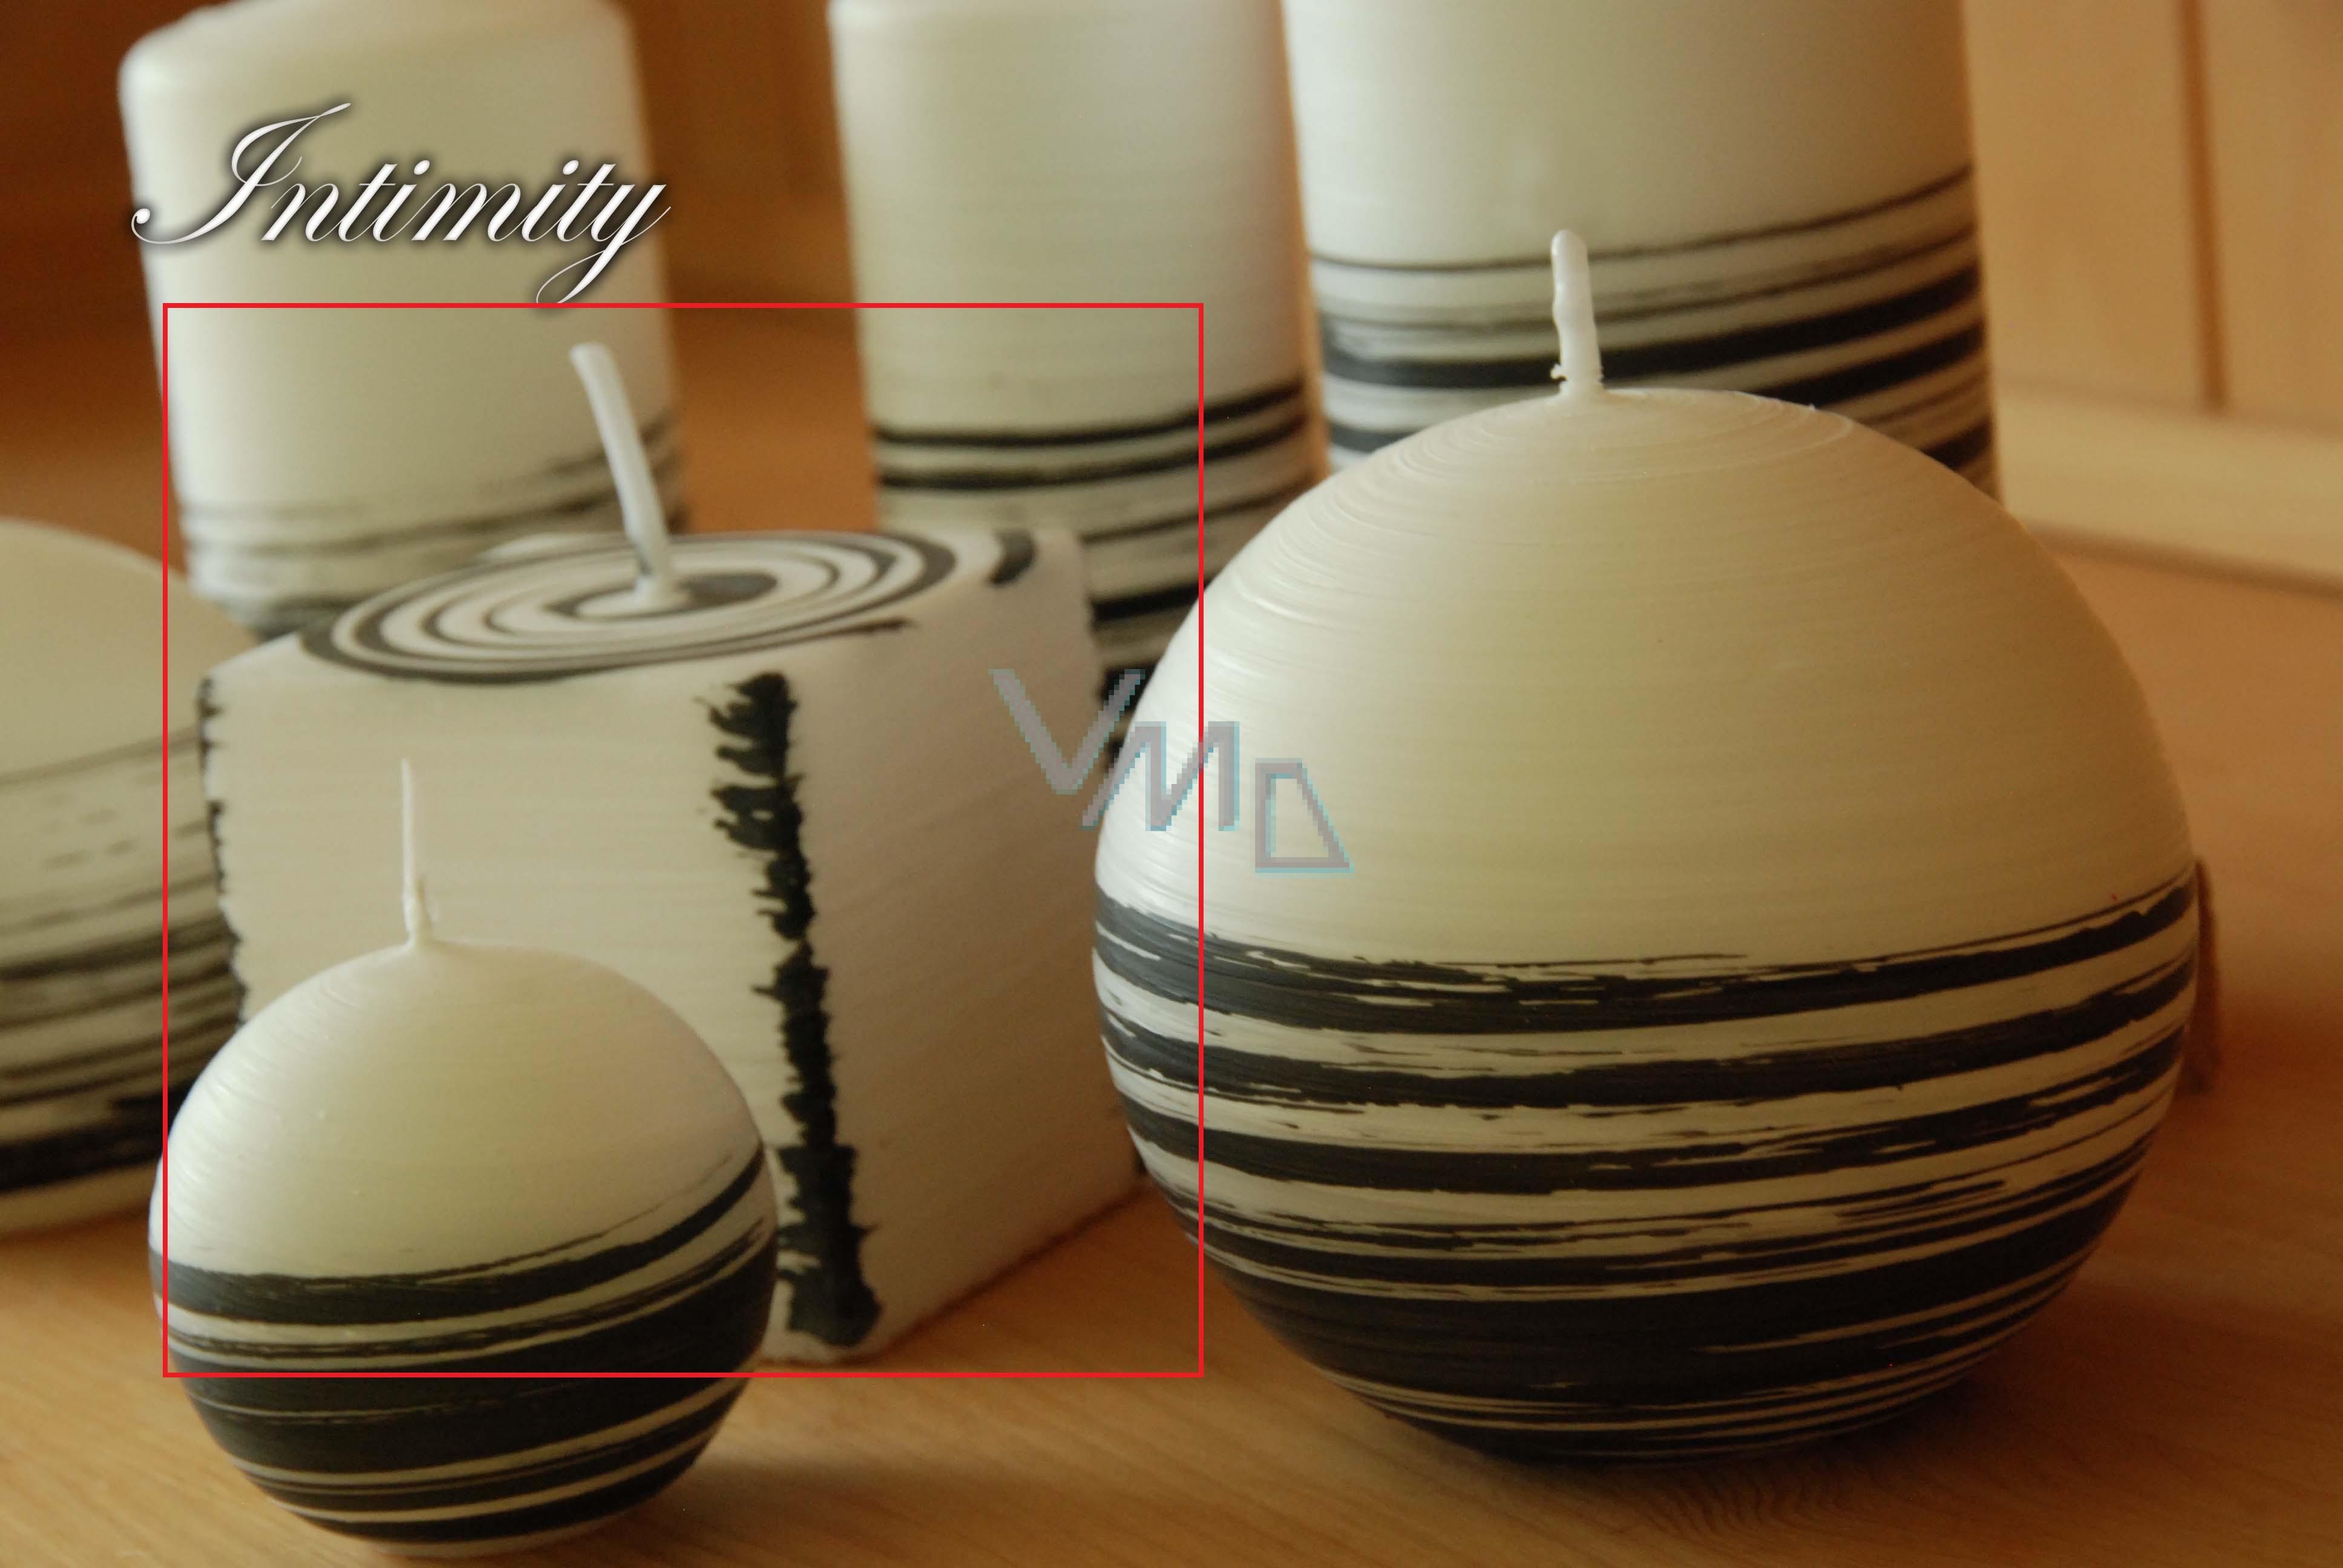 Lima Aromatická spirála Intimity svíčka bílo - černá krychle 65 x 65 mm 1 kus